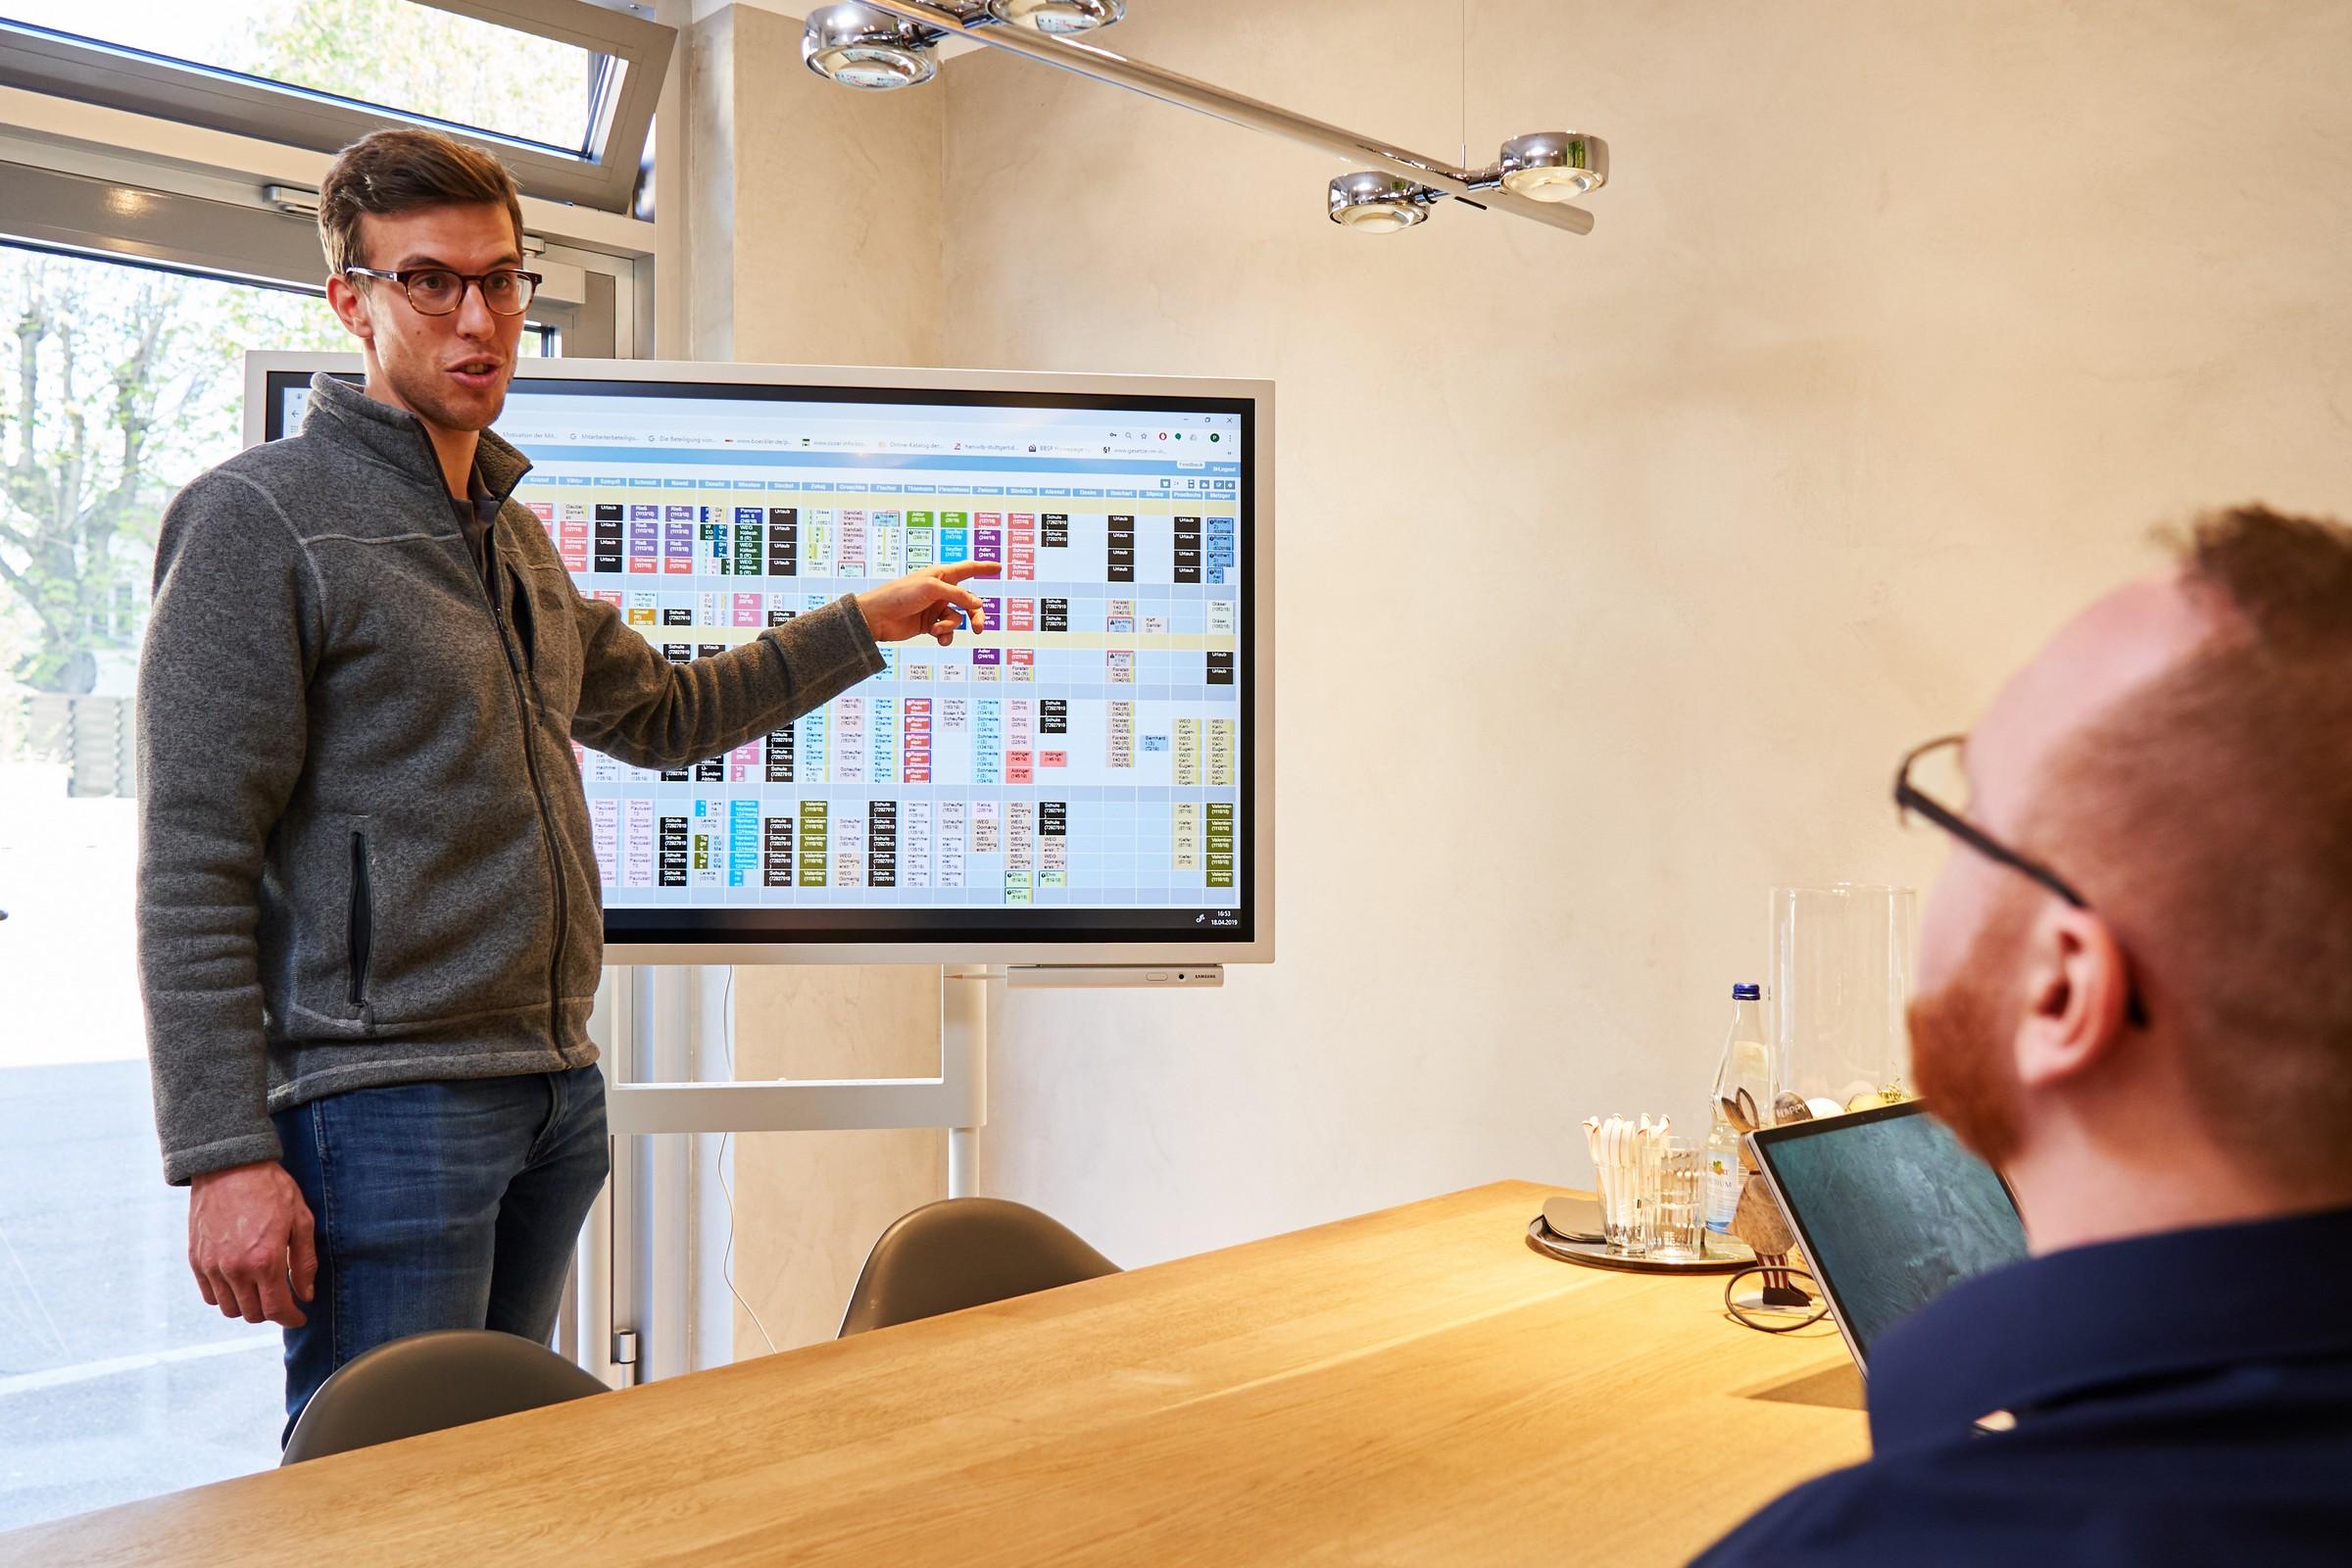 FiliTime Digitale Plantafel Projekte und Aufträge richtig planen